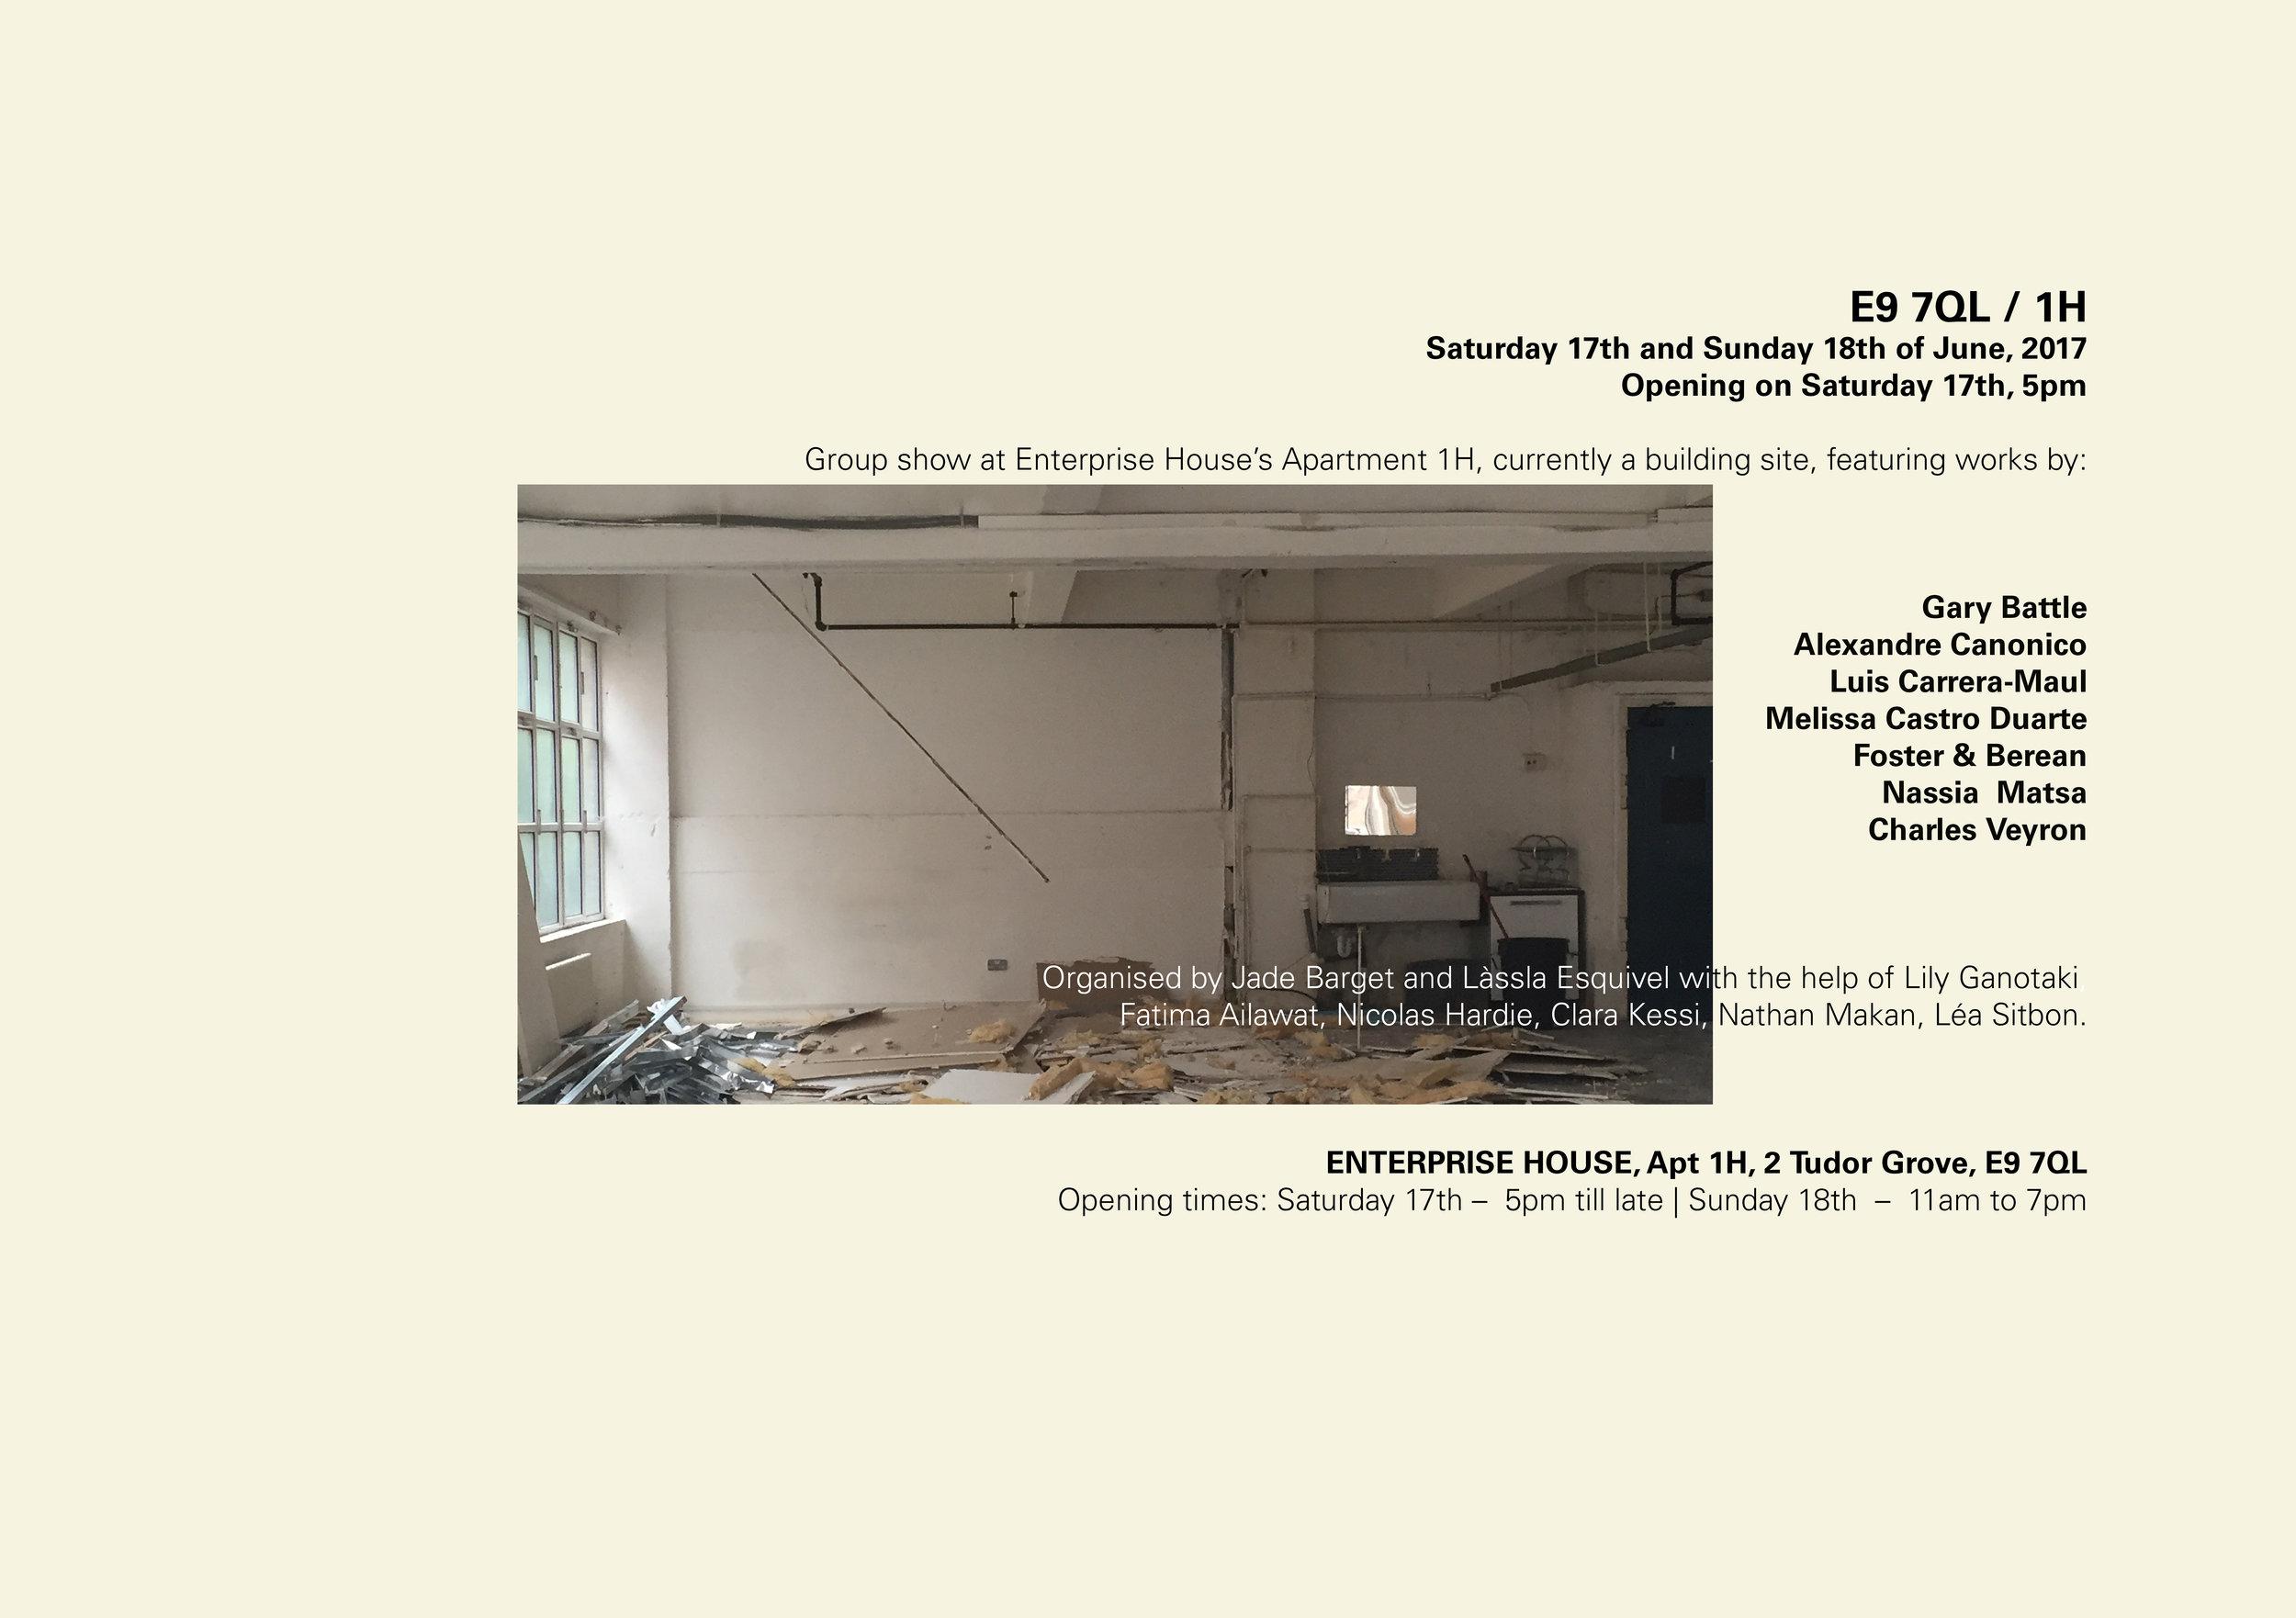 E9 7QL / 1H  - Sat 17 / 5pm – lateSun 18 / 11am – 8pmEnterprise House, Apt 1H, 2 Tudor Grove, E9 7QL, London